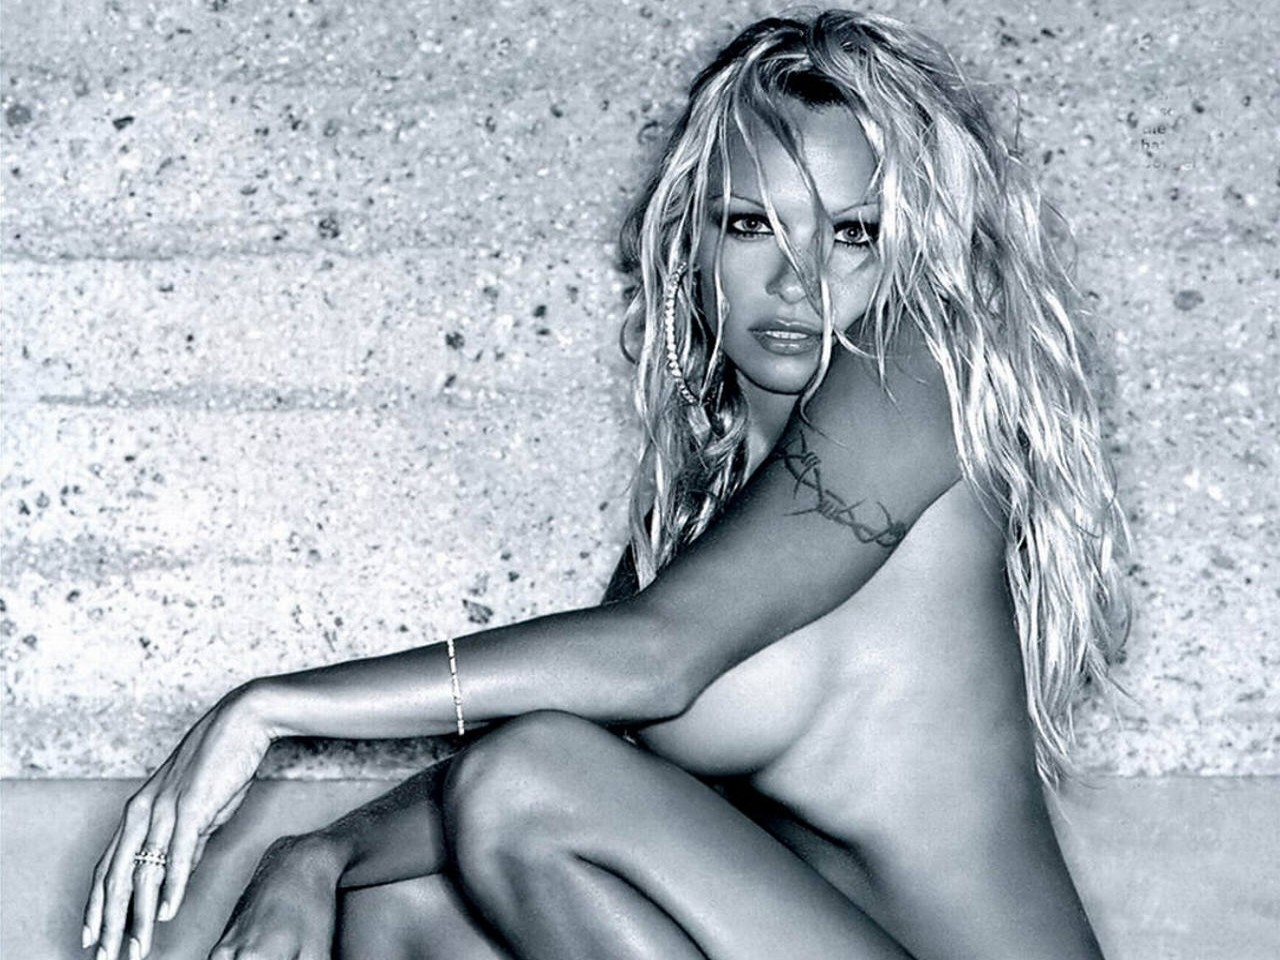 Wallpaper di Pamela Anderson in b/n